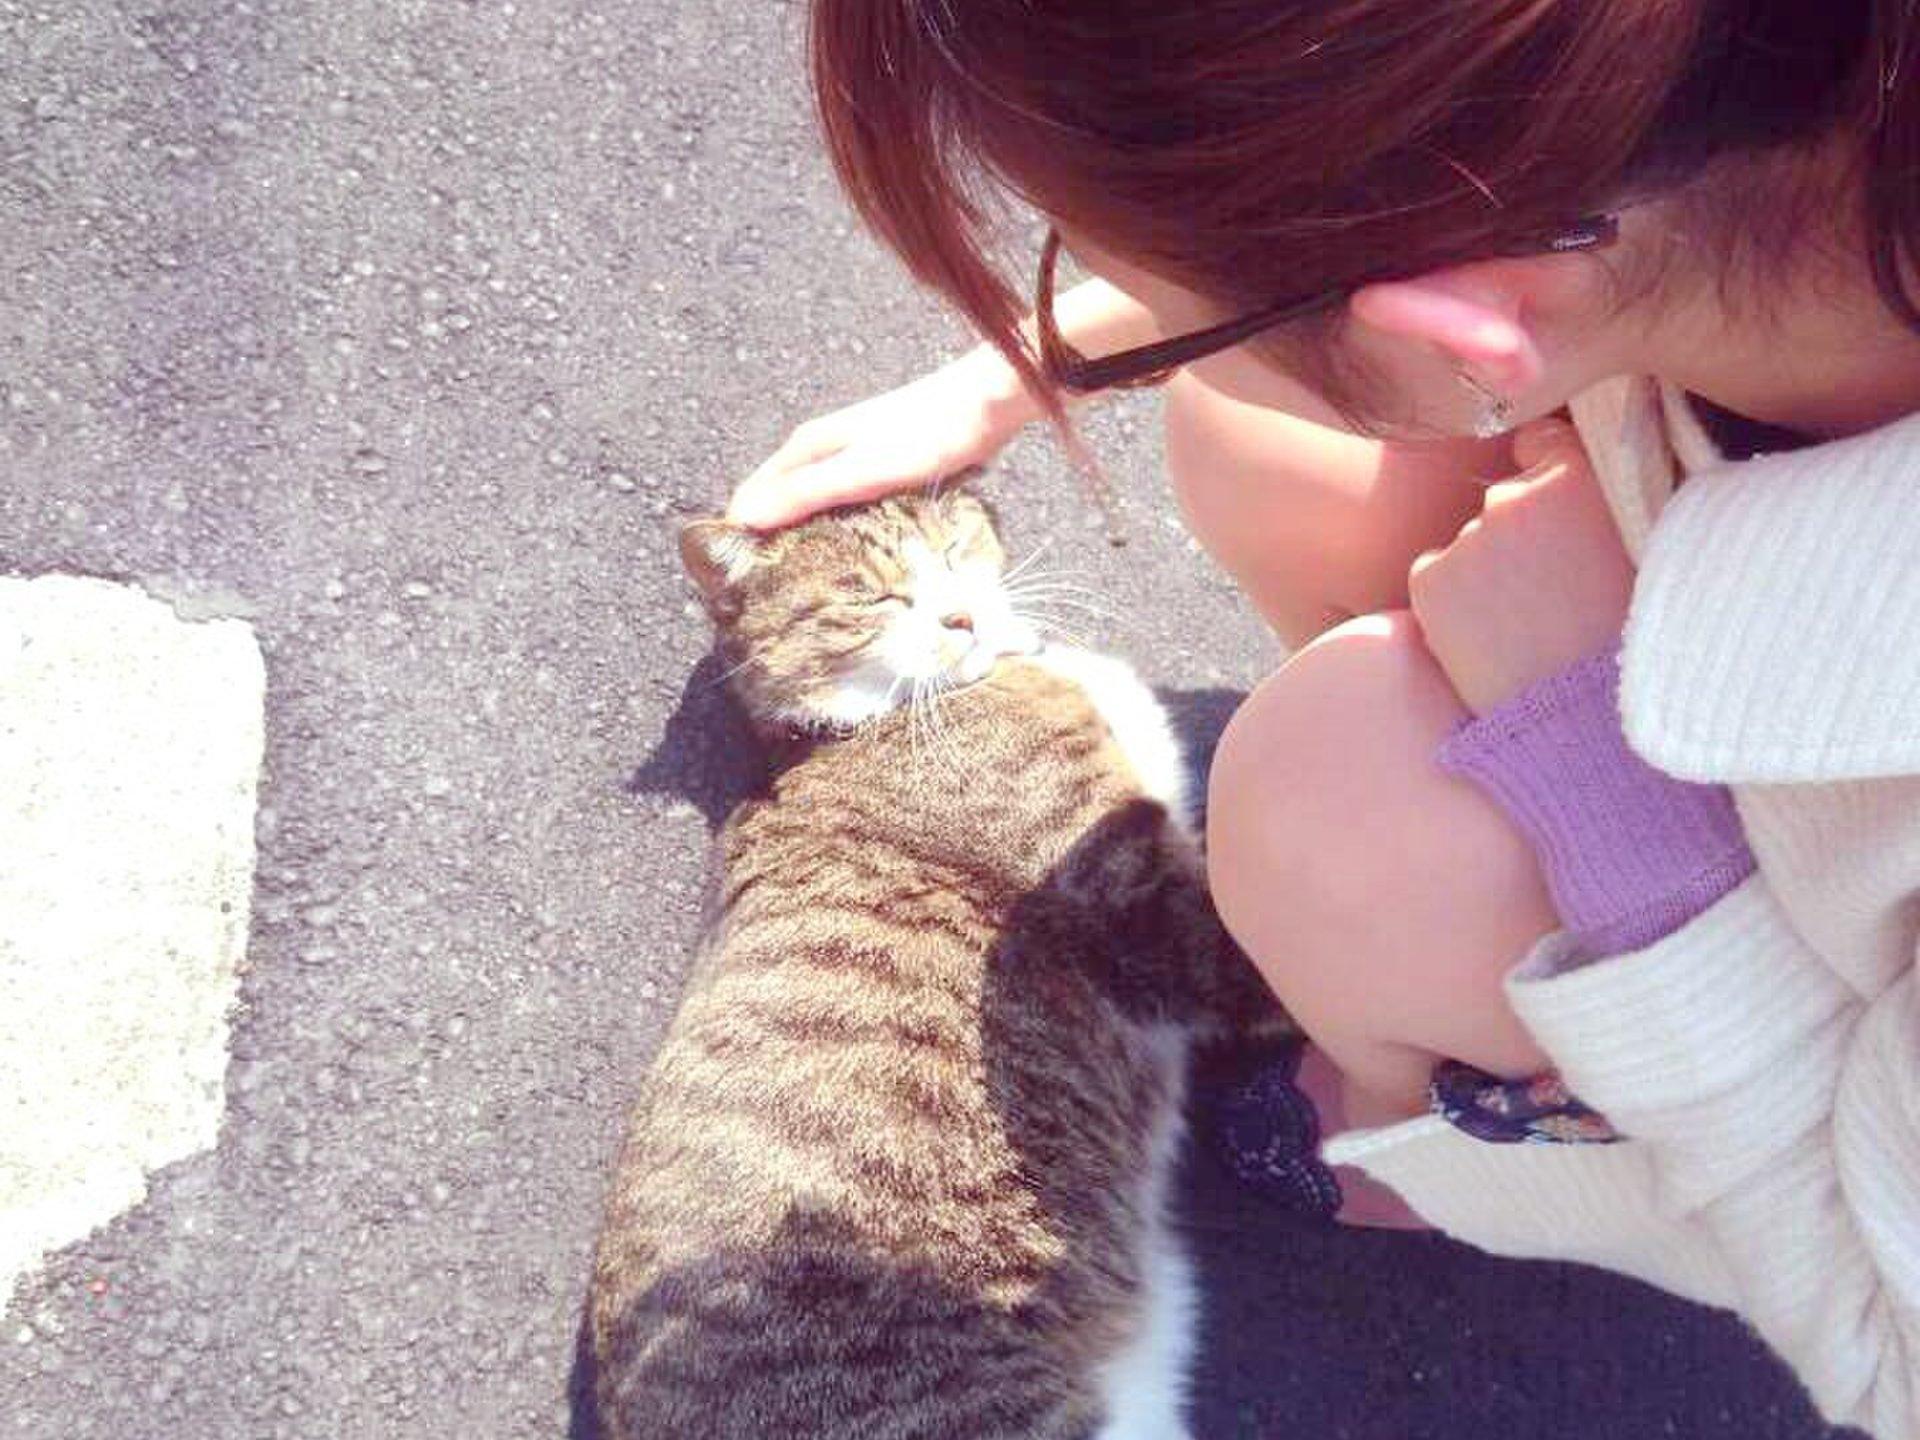 【猫の多い町、目白をお散歩】駅から5分ほど歩くとそこは猫の町!?涼しい秋はお散歩デートがおすすめ!